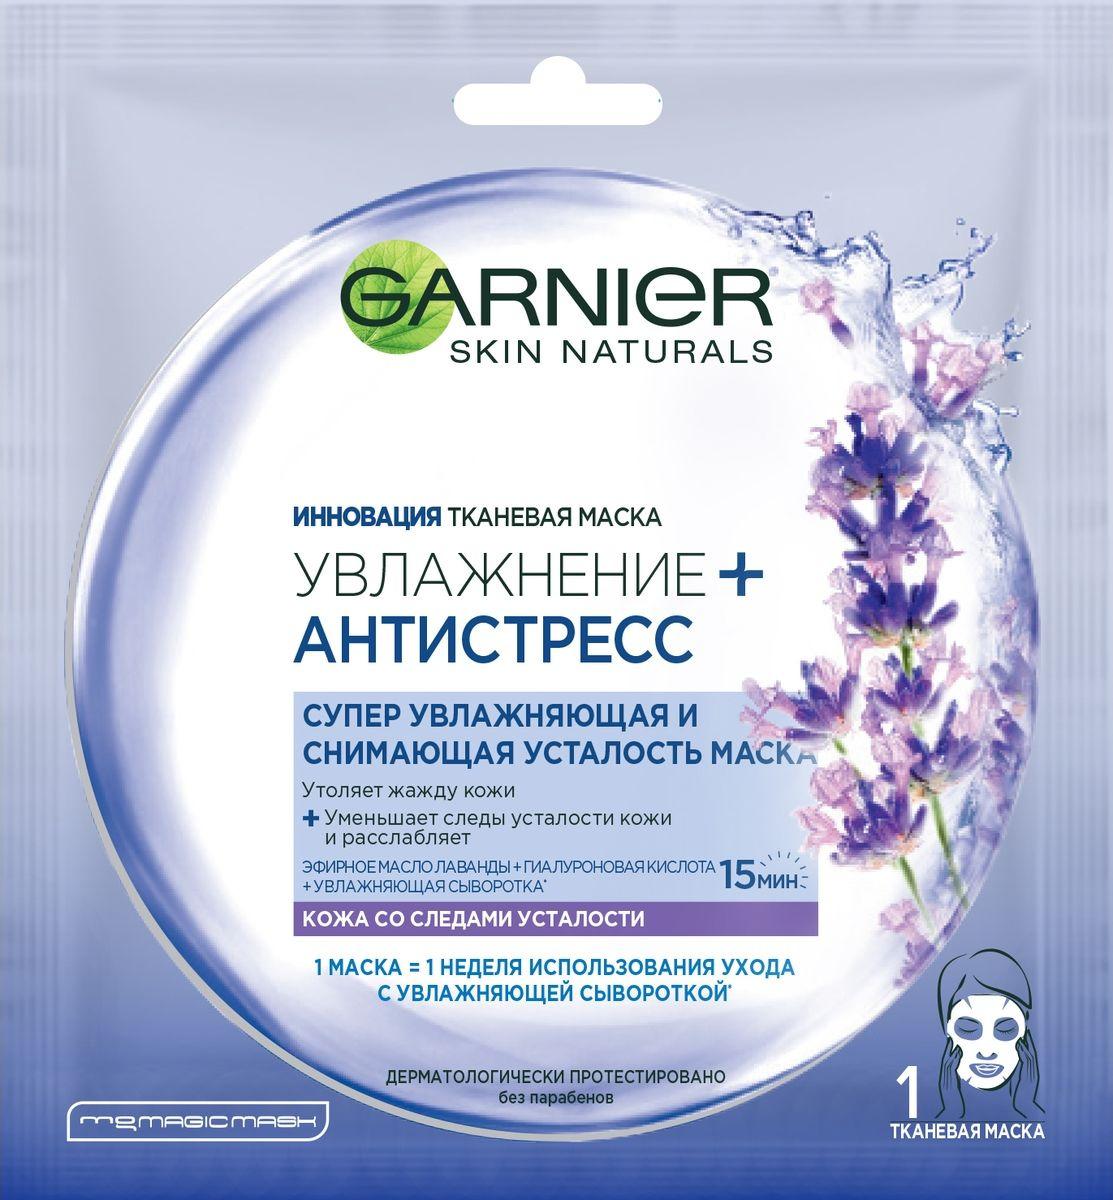 Garnier Тканевая маска Увлажнение + Антистресс, снимающая усталость, для кожи со следами усталости, 32 гр garnier тканевая маска увлажнение аква бомба супер увлажняющая и тонизирующая для всех типов кожи 32 гр